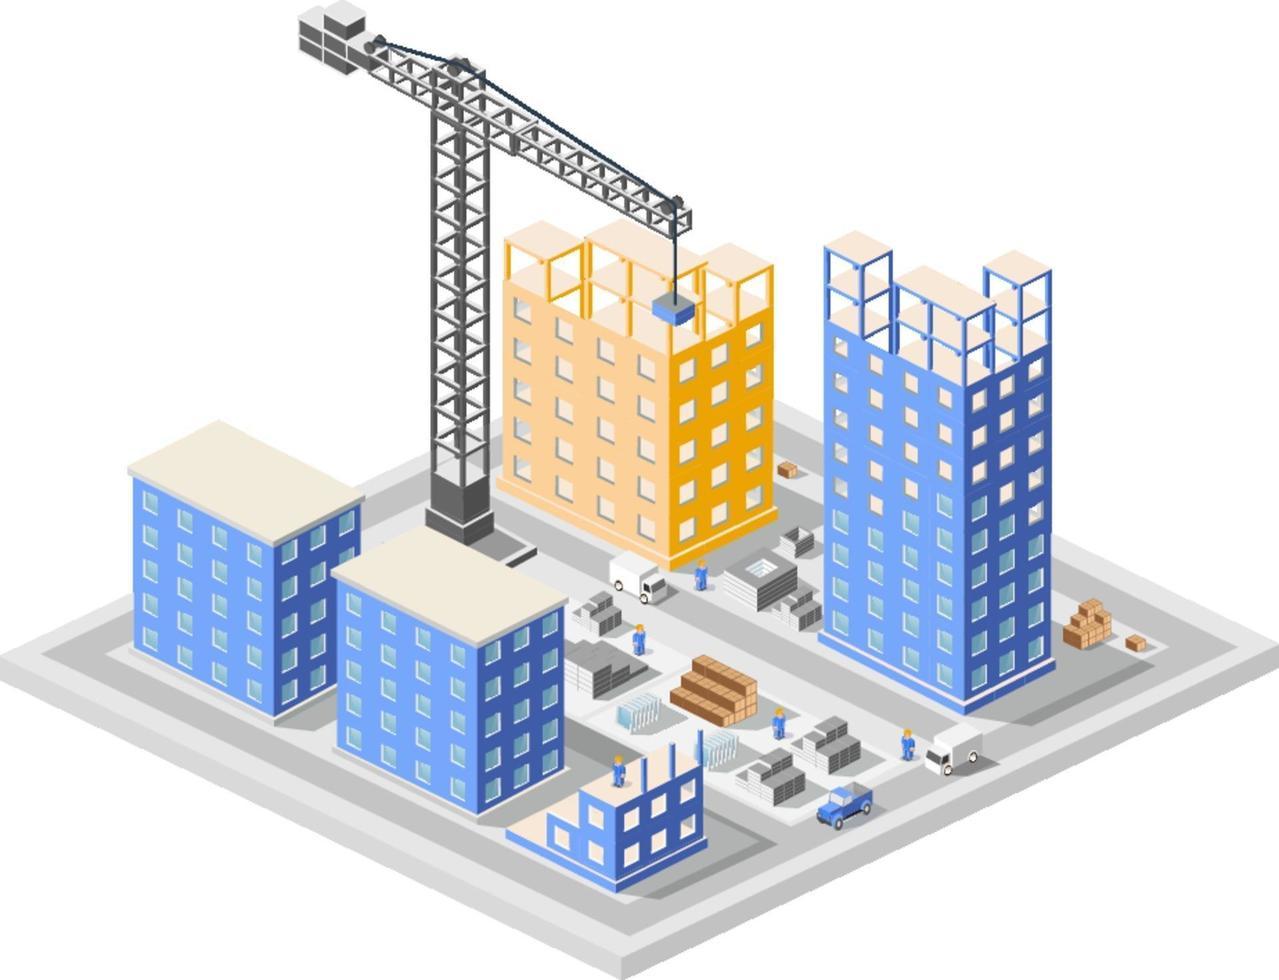 industriële constructie isometrie in de wolkenkrabbers van de grote stad in aanbouw, huizen en gebouwen vector